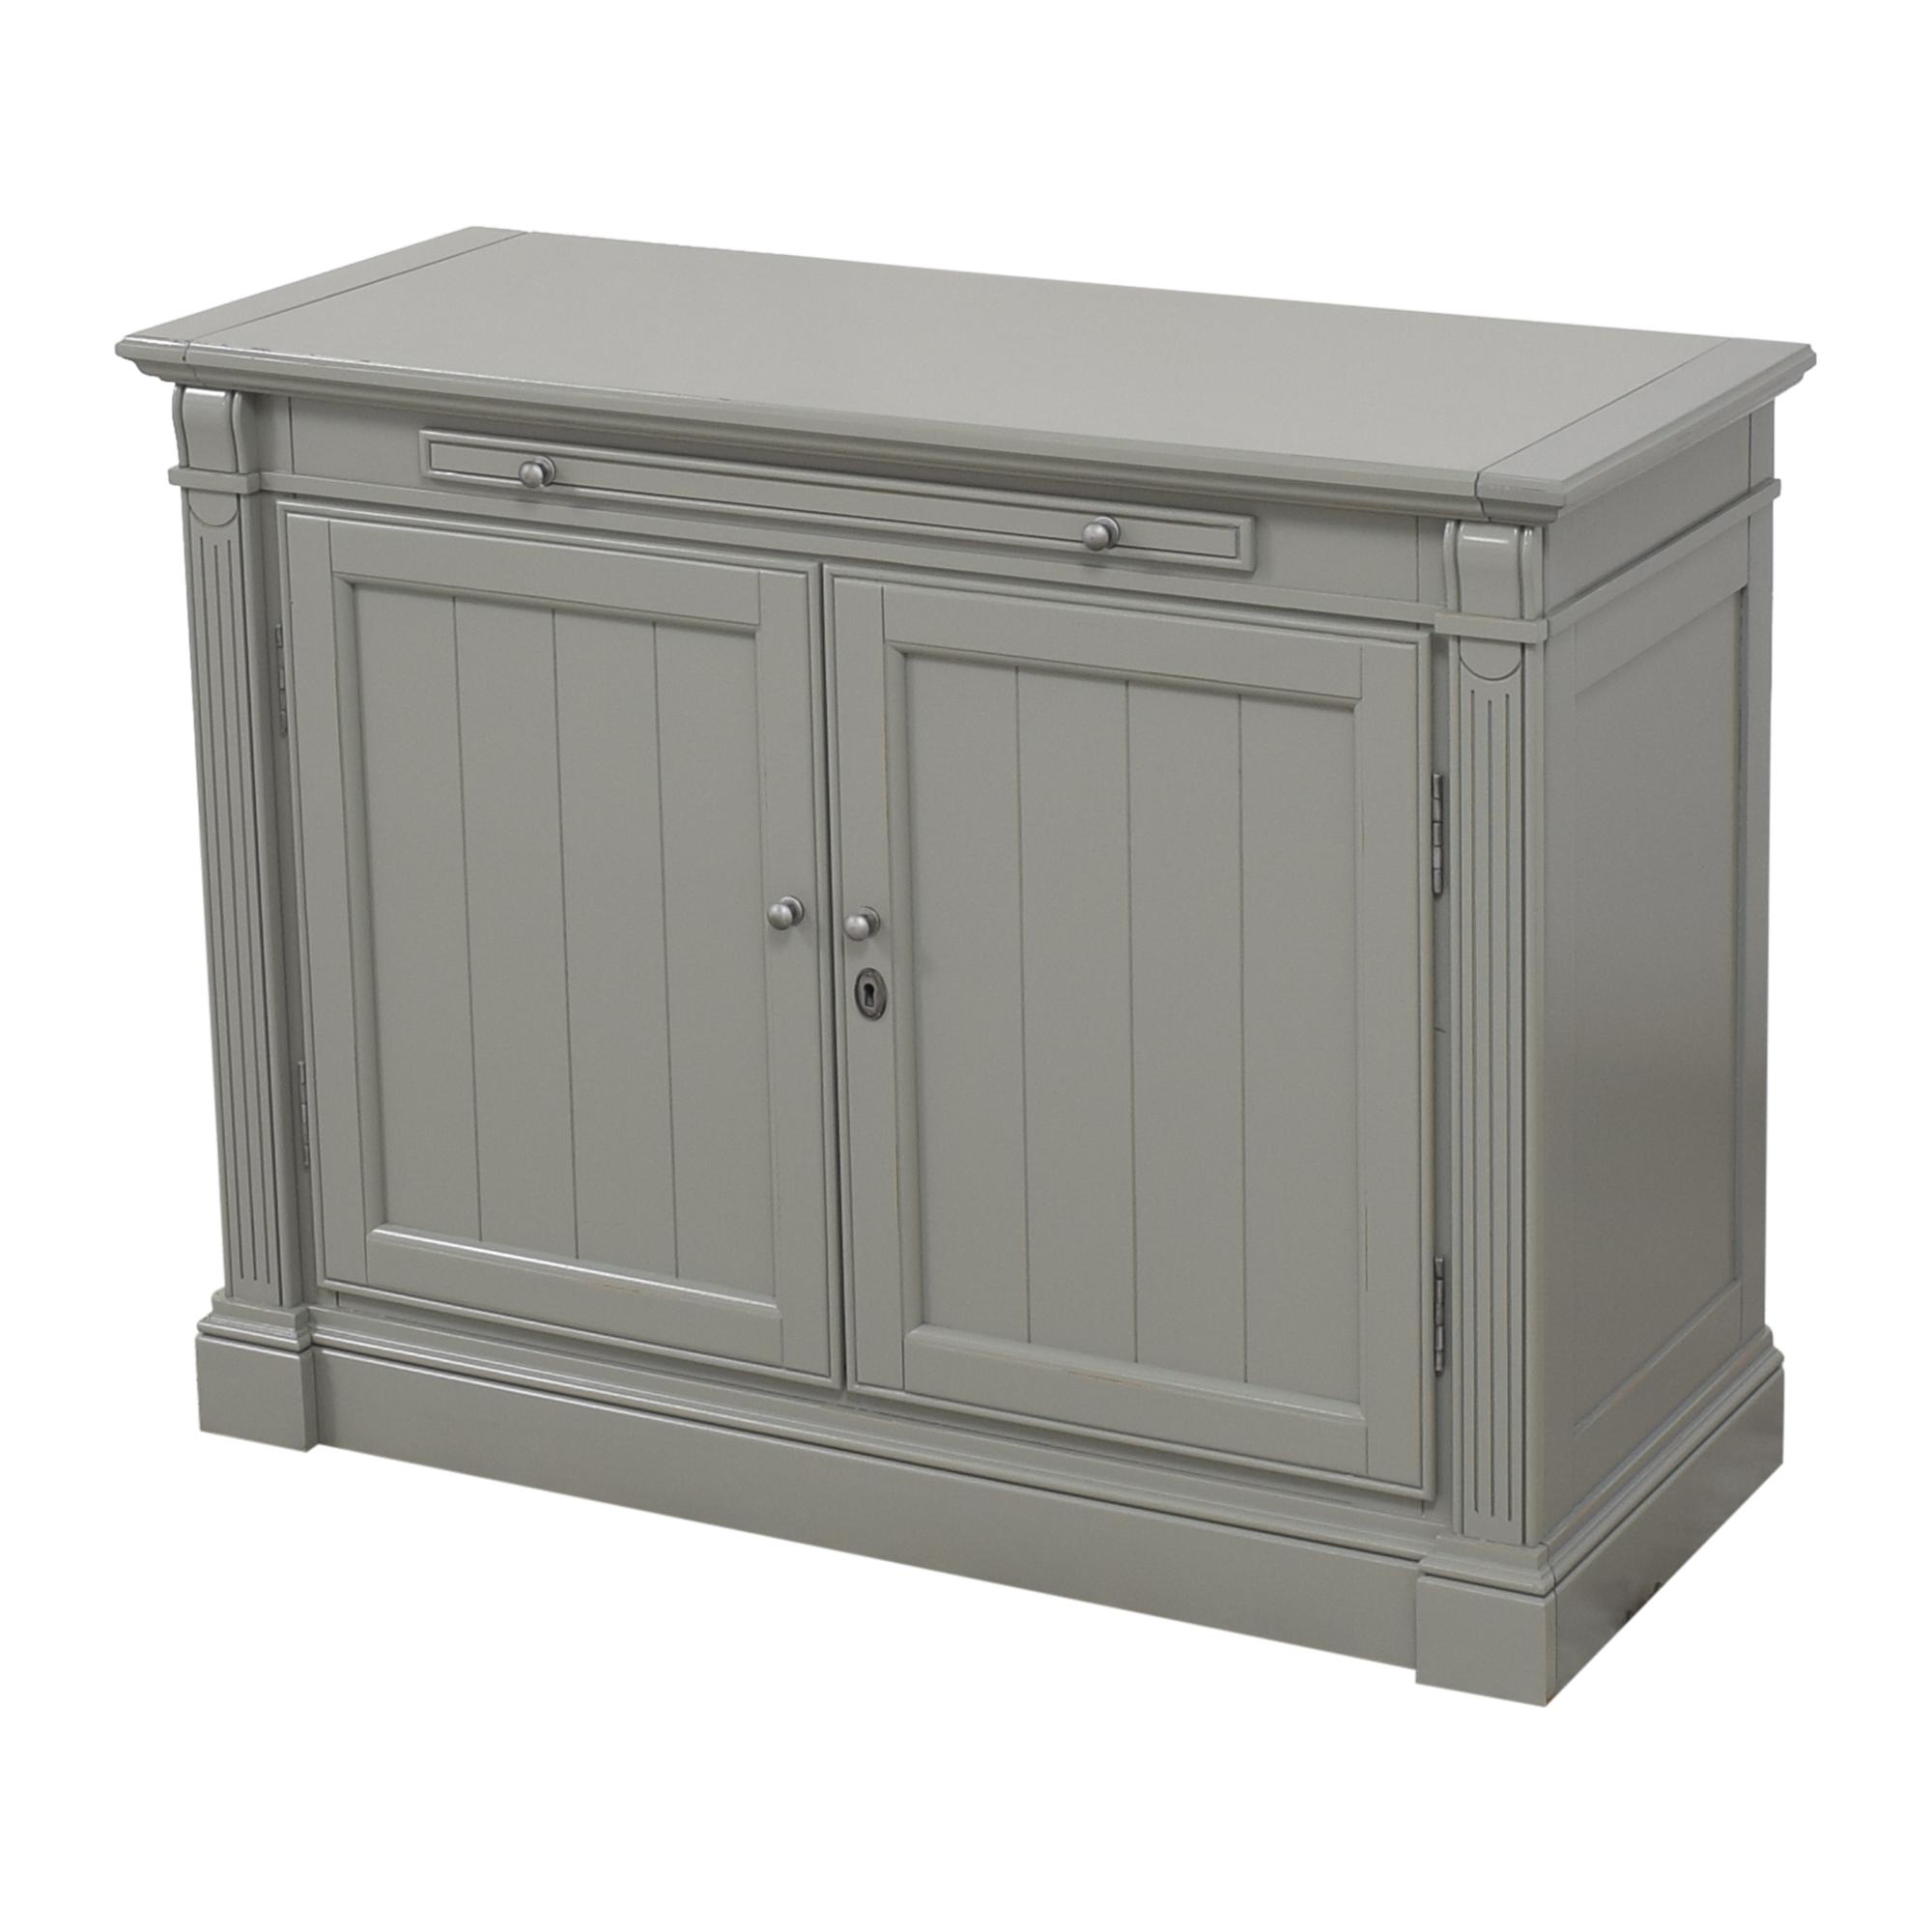 buy Arhaus Athens Modular Two Door Cabinet Arhaus Storage